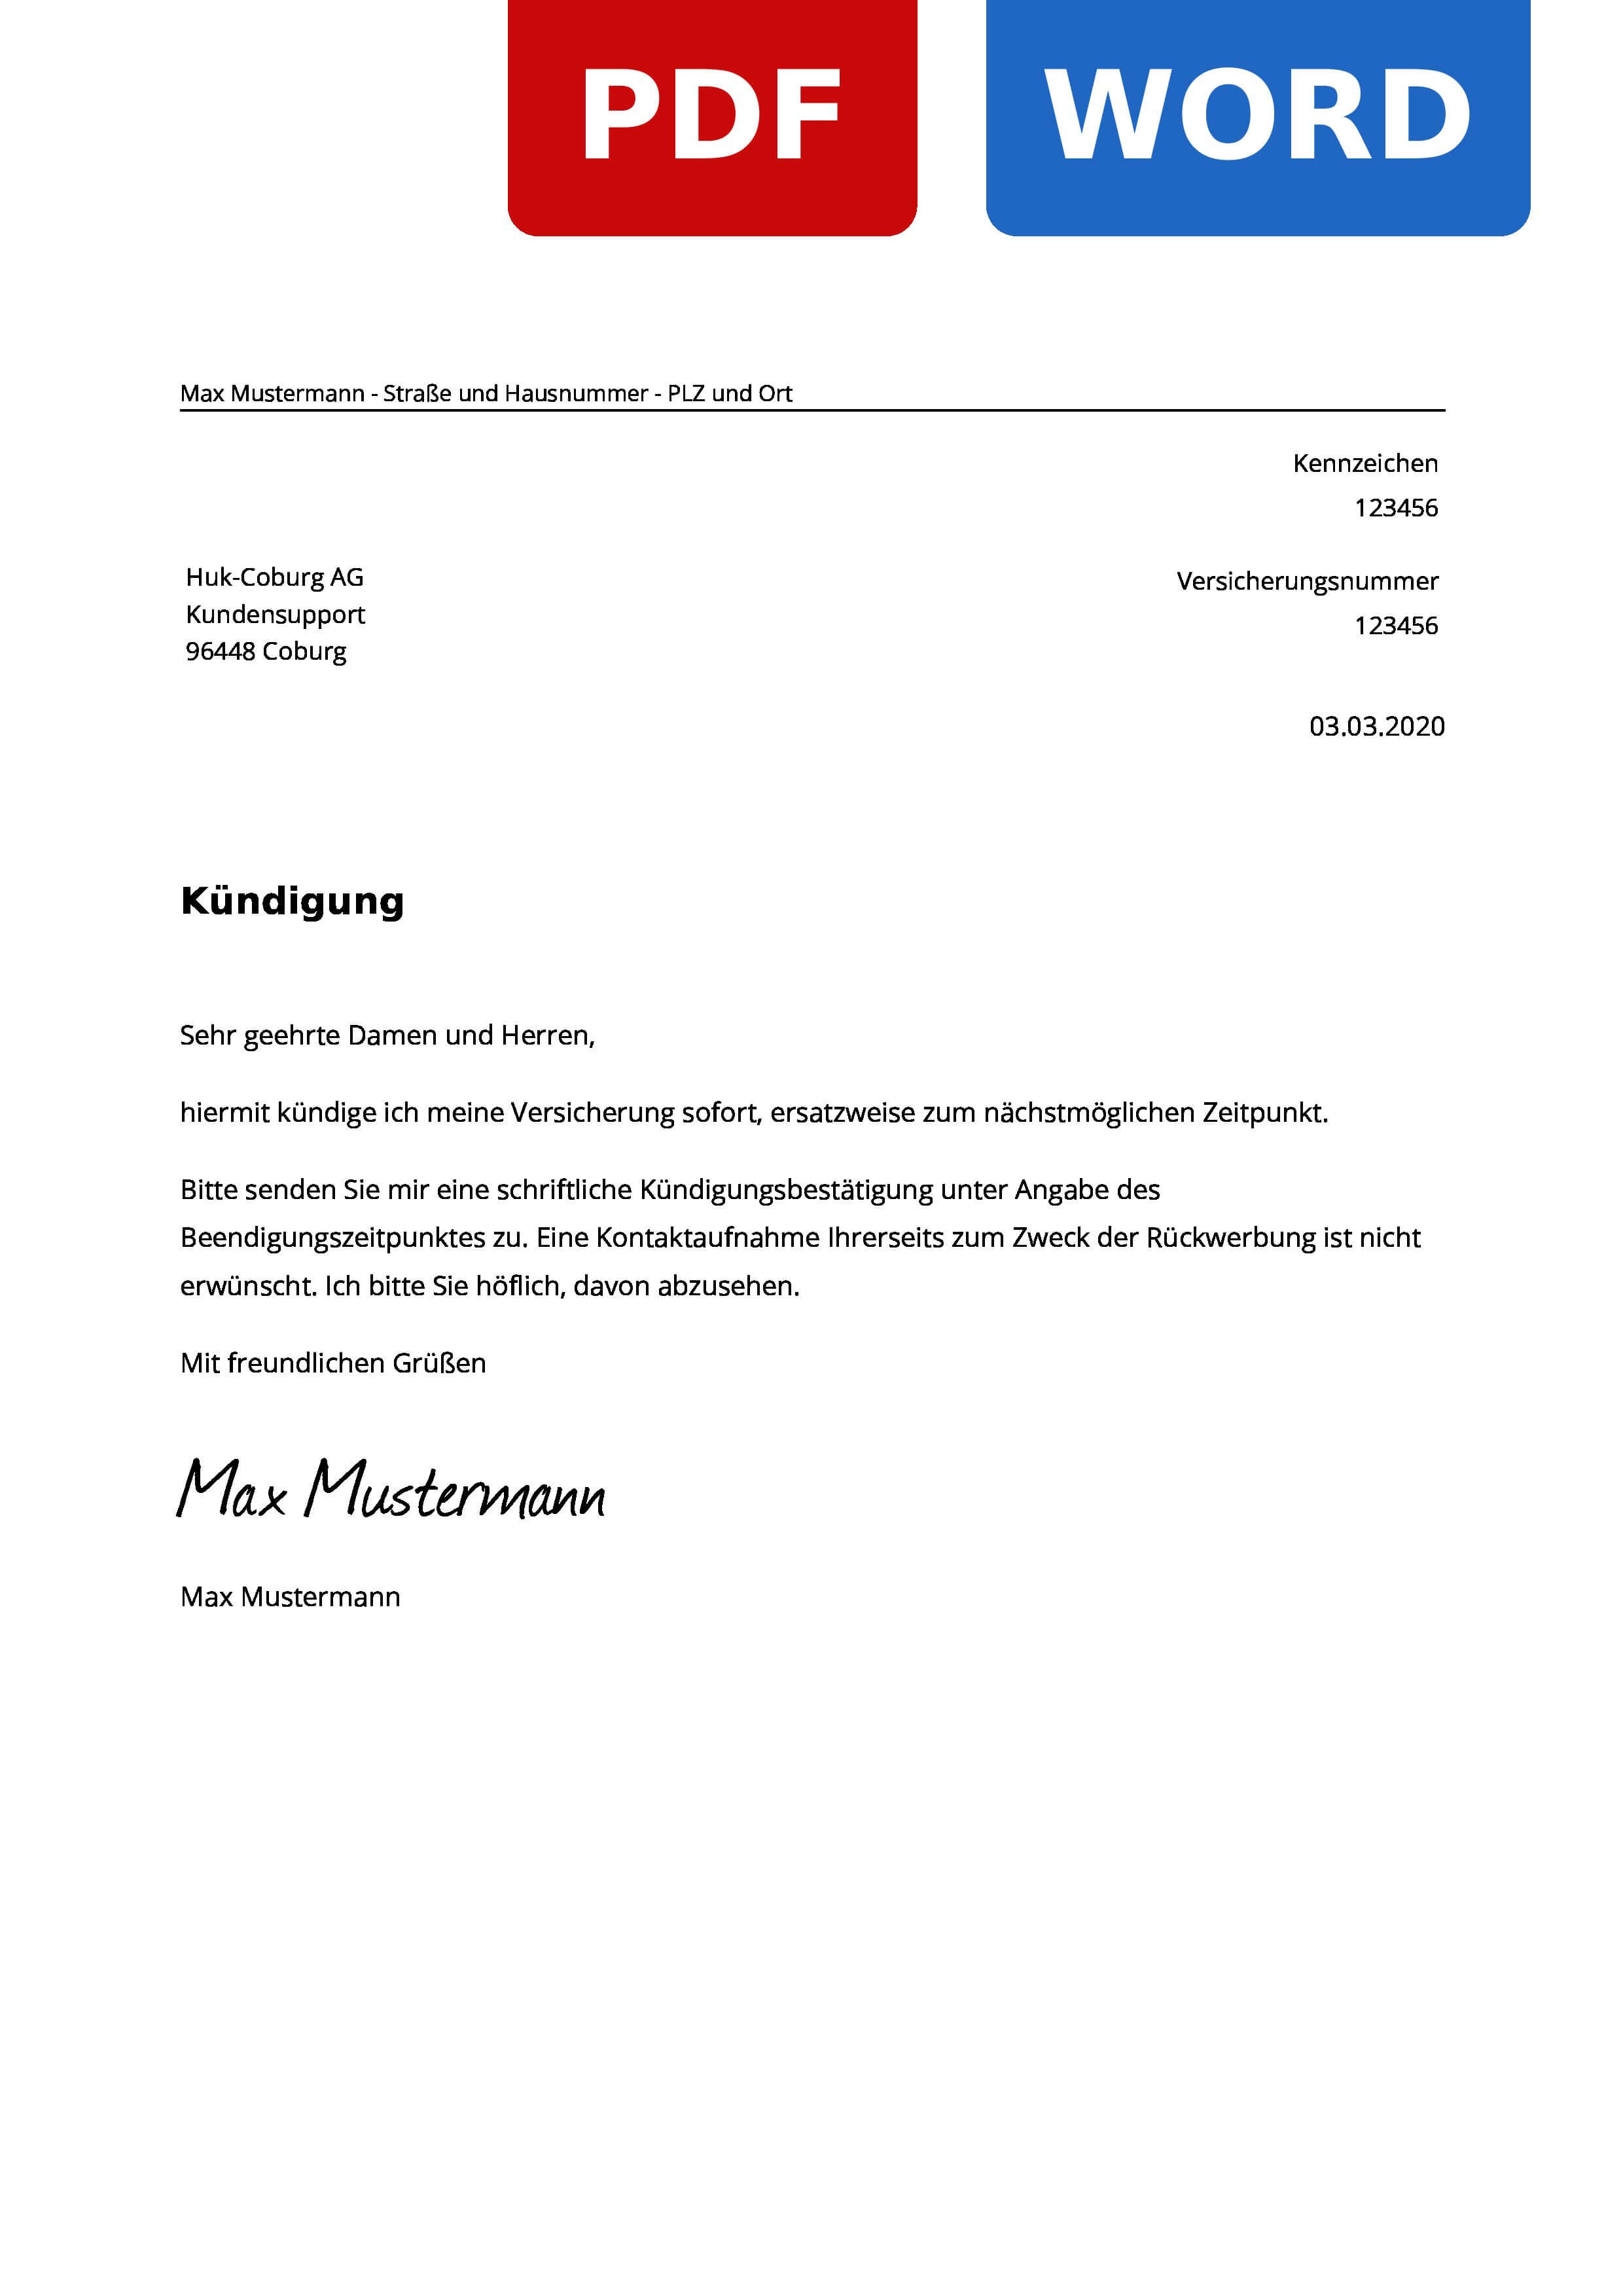 Huk Coburg Kfz Versicherung Kundigung Vorlage